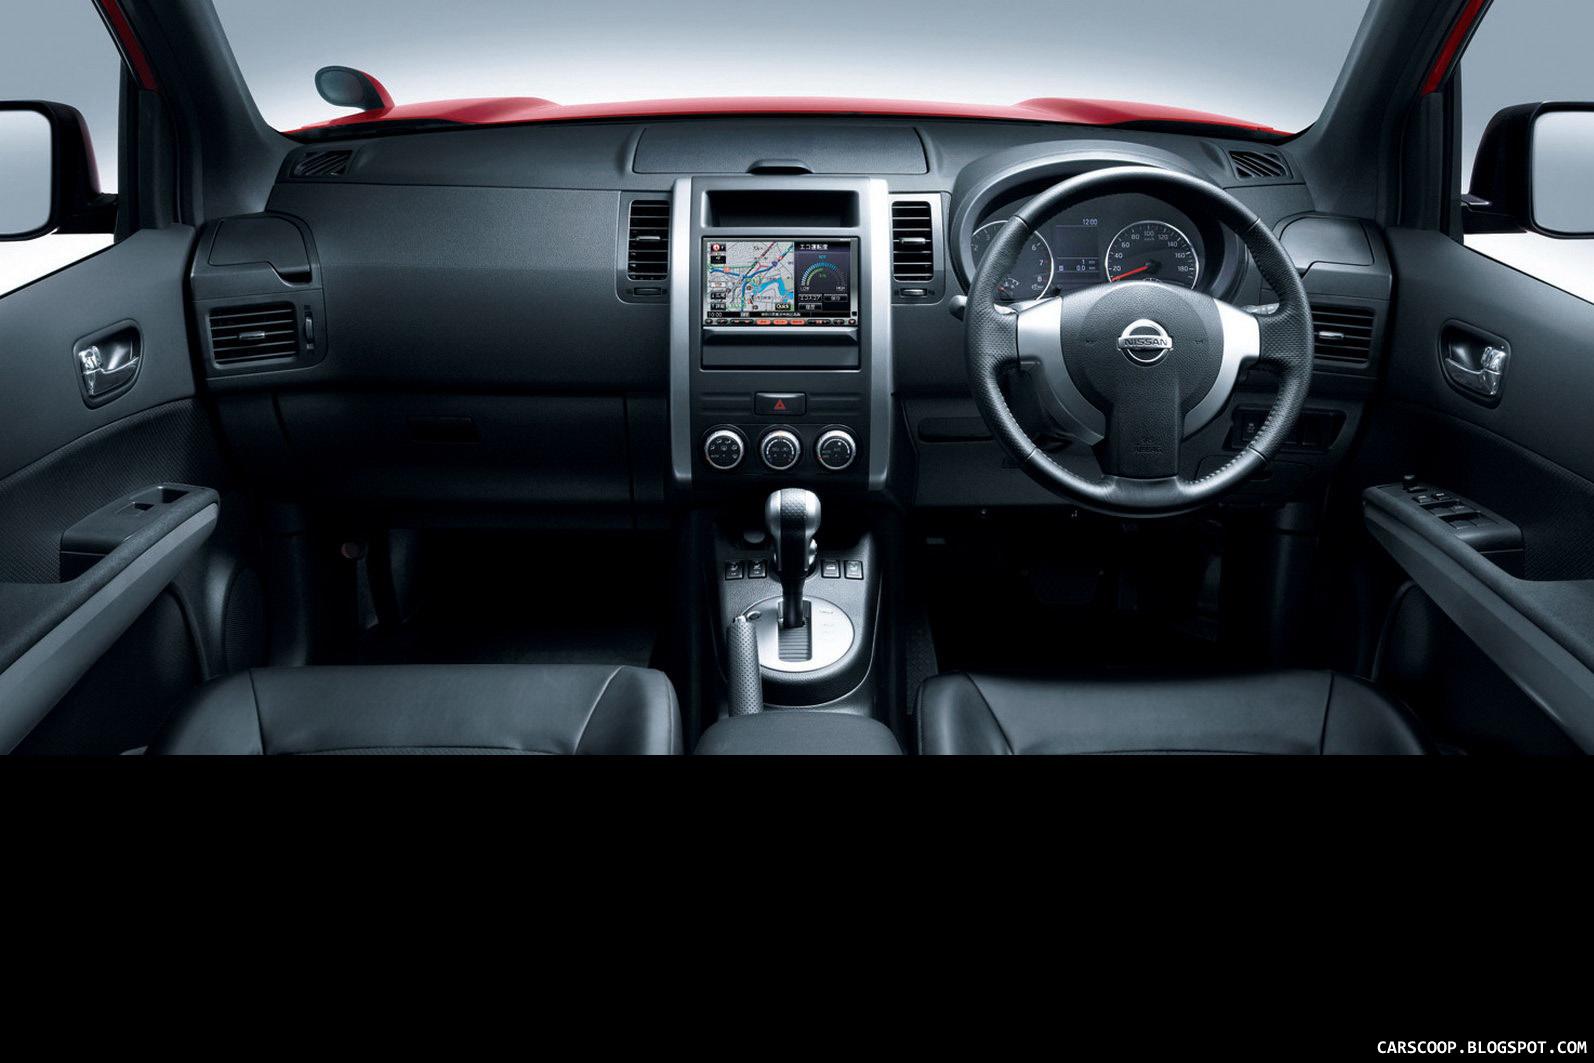 http://1.bp.blogspot.com/_FoXyvaPSnVk/TDXWsZxsXMI/AAAAAAADDJ8/-oPFC7PJ2JE/s1600/2011-Nissan-X-Trail-43.jpg